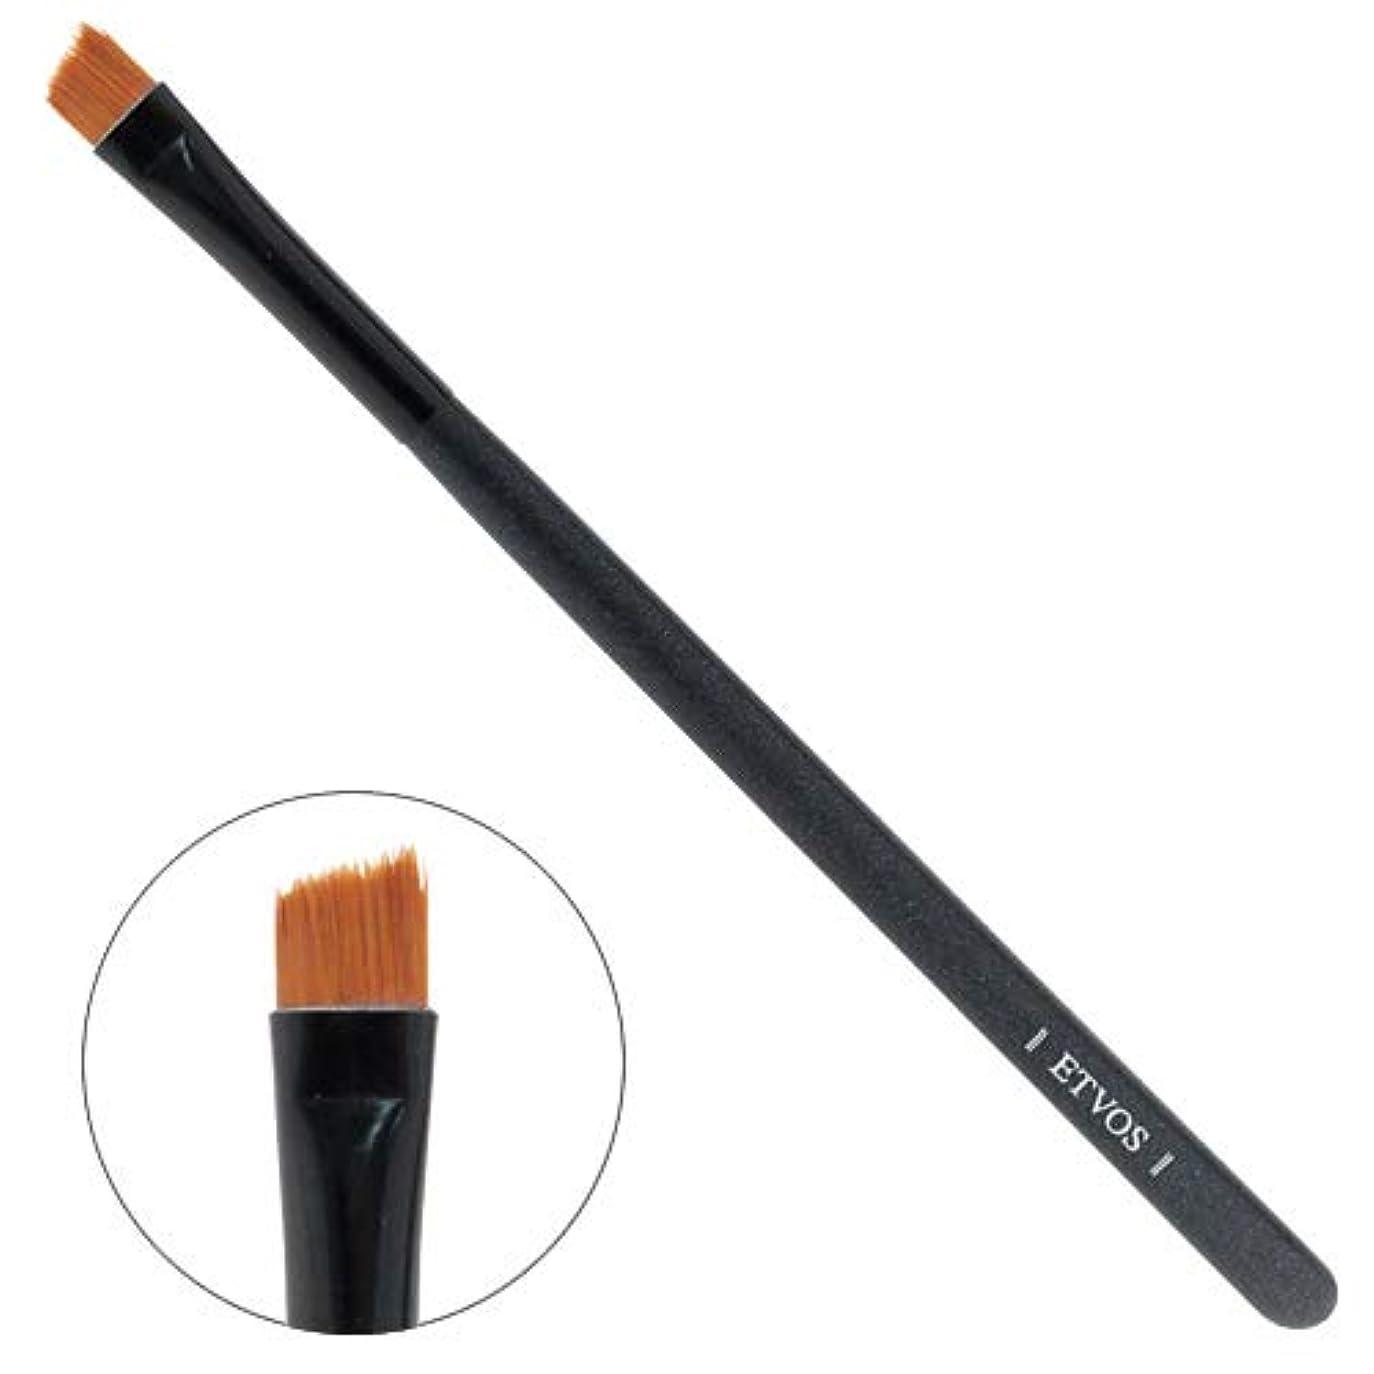 近似芝生波ETVOS(エトヴォス) アイライナーブラシ 毛先を斜めカット/目のキワまでアイラインが引ける化粧筆 12.5cm